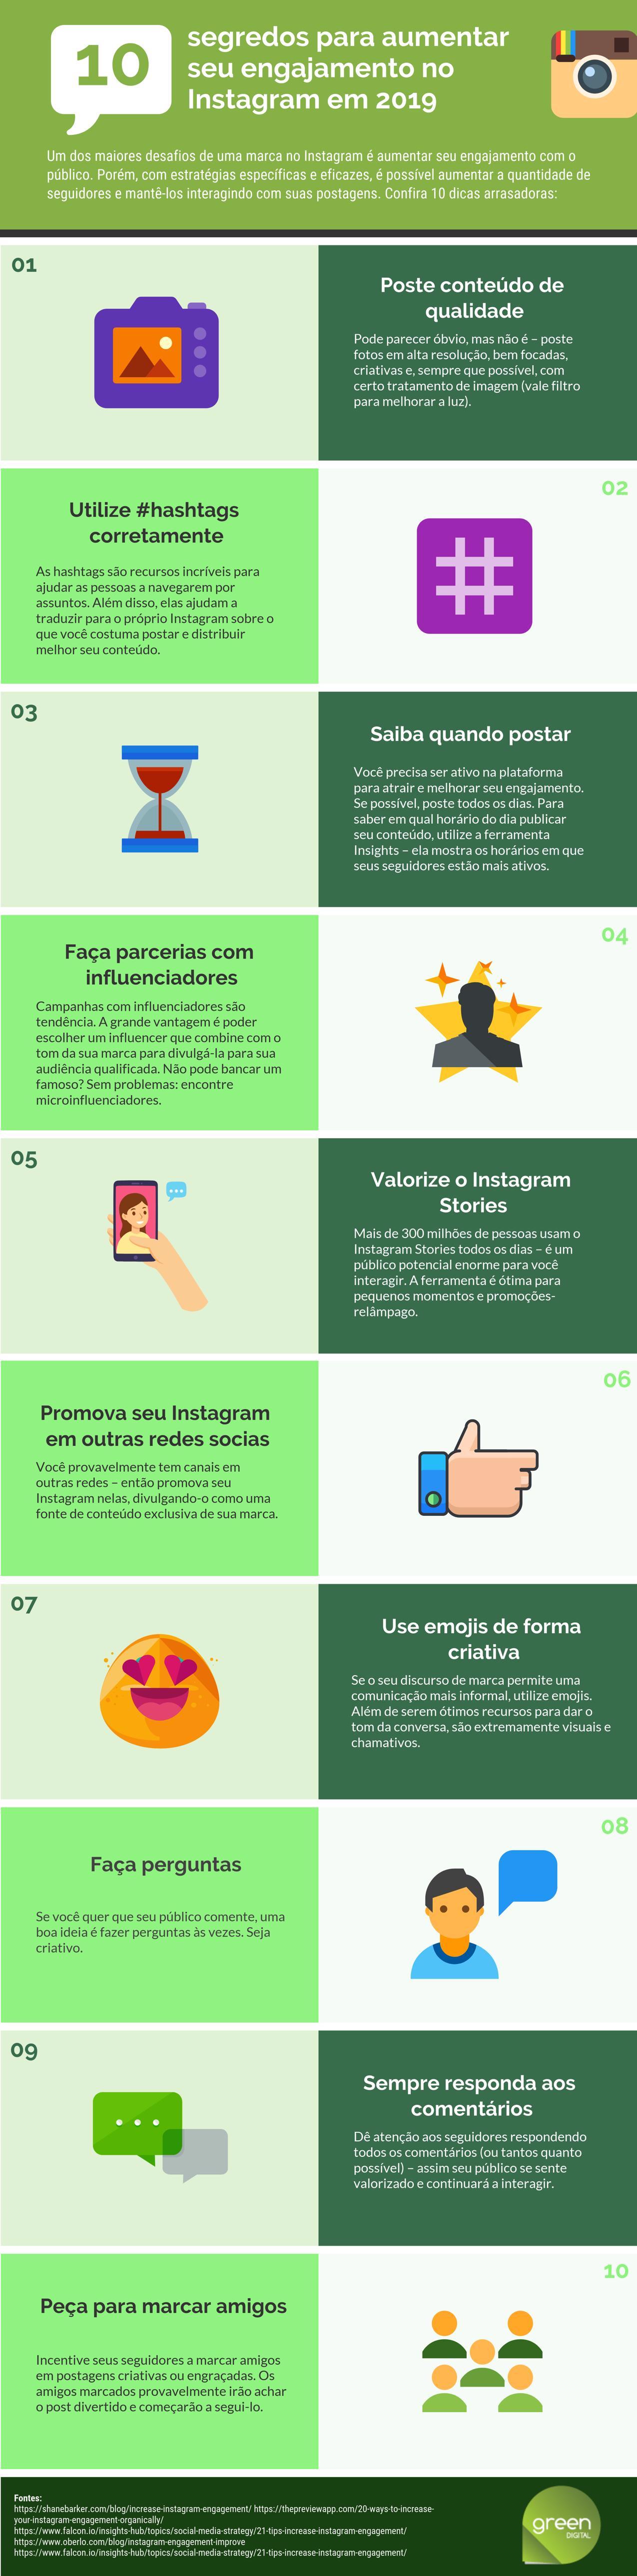 Infográfico: segredos para aumentar seu engajamento no Instagram